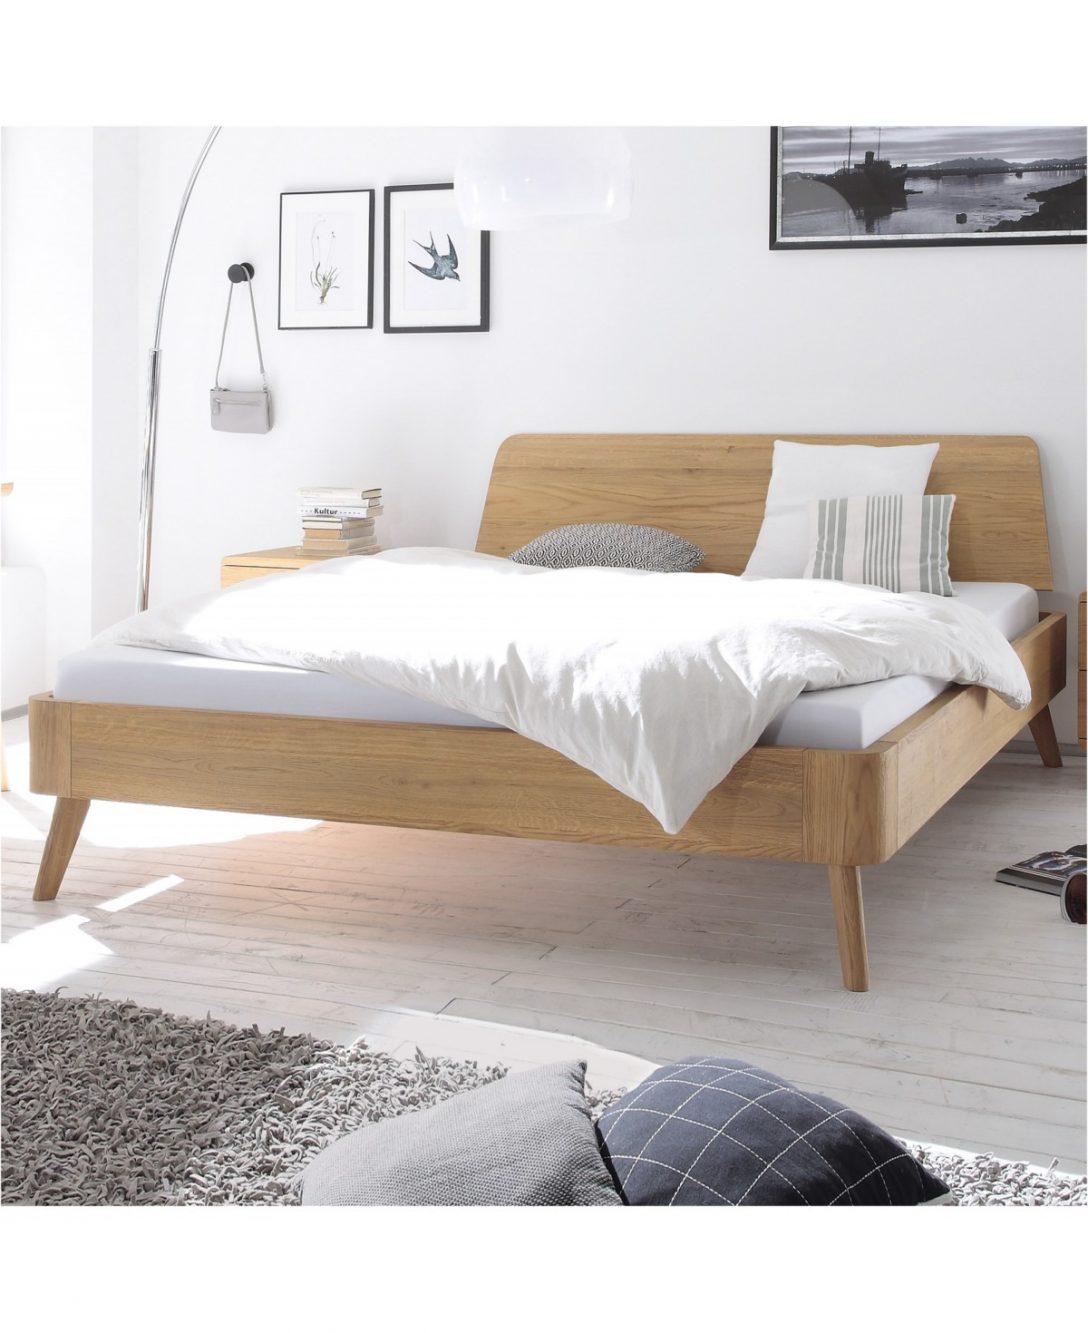 Large Size of Modernes Bett 180x200 Hasena Oak Bianco Eiche Masito 25 Kopfteil Edda Amerikanische Betten Bettkasten Stauraum 200x200 Ausklappbares Paidi Rückwand Massiv Bett Modernes Bett 180x200